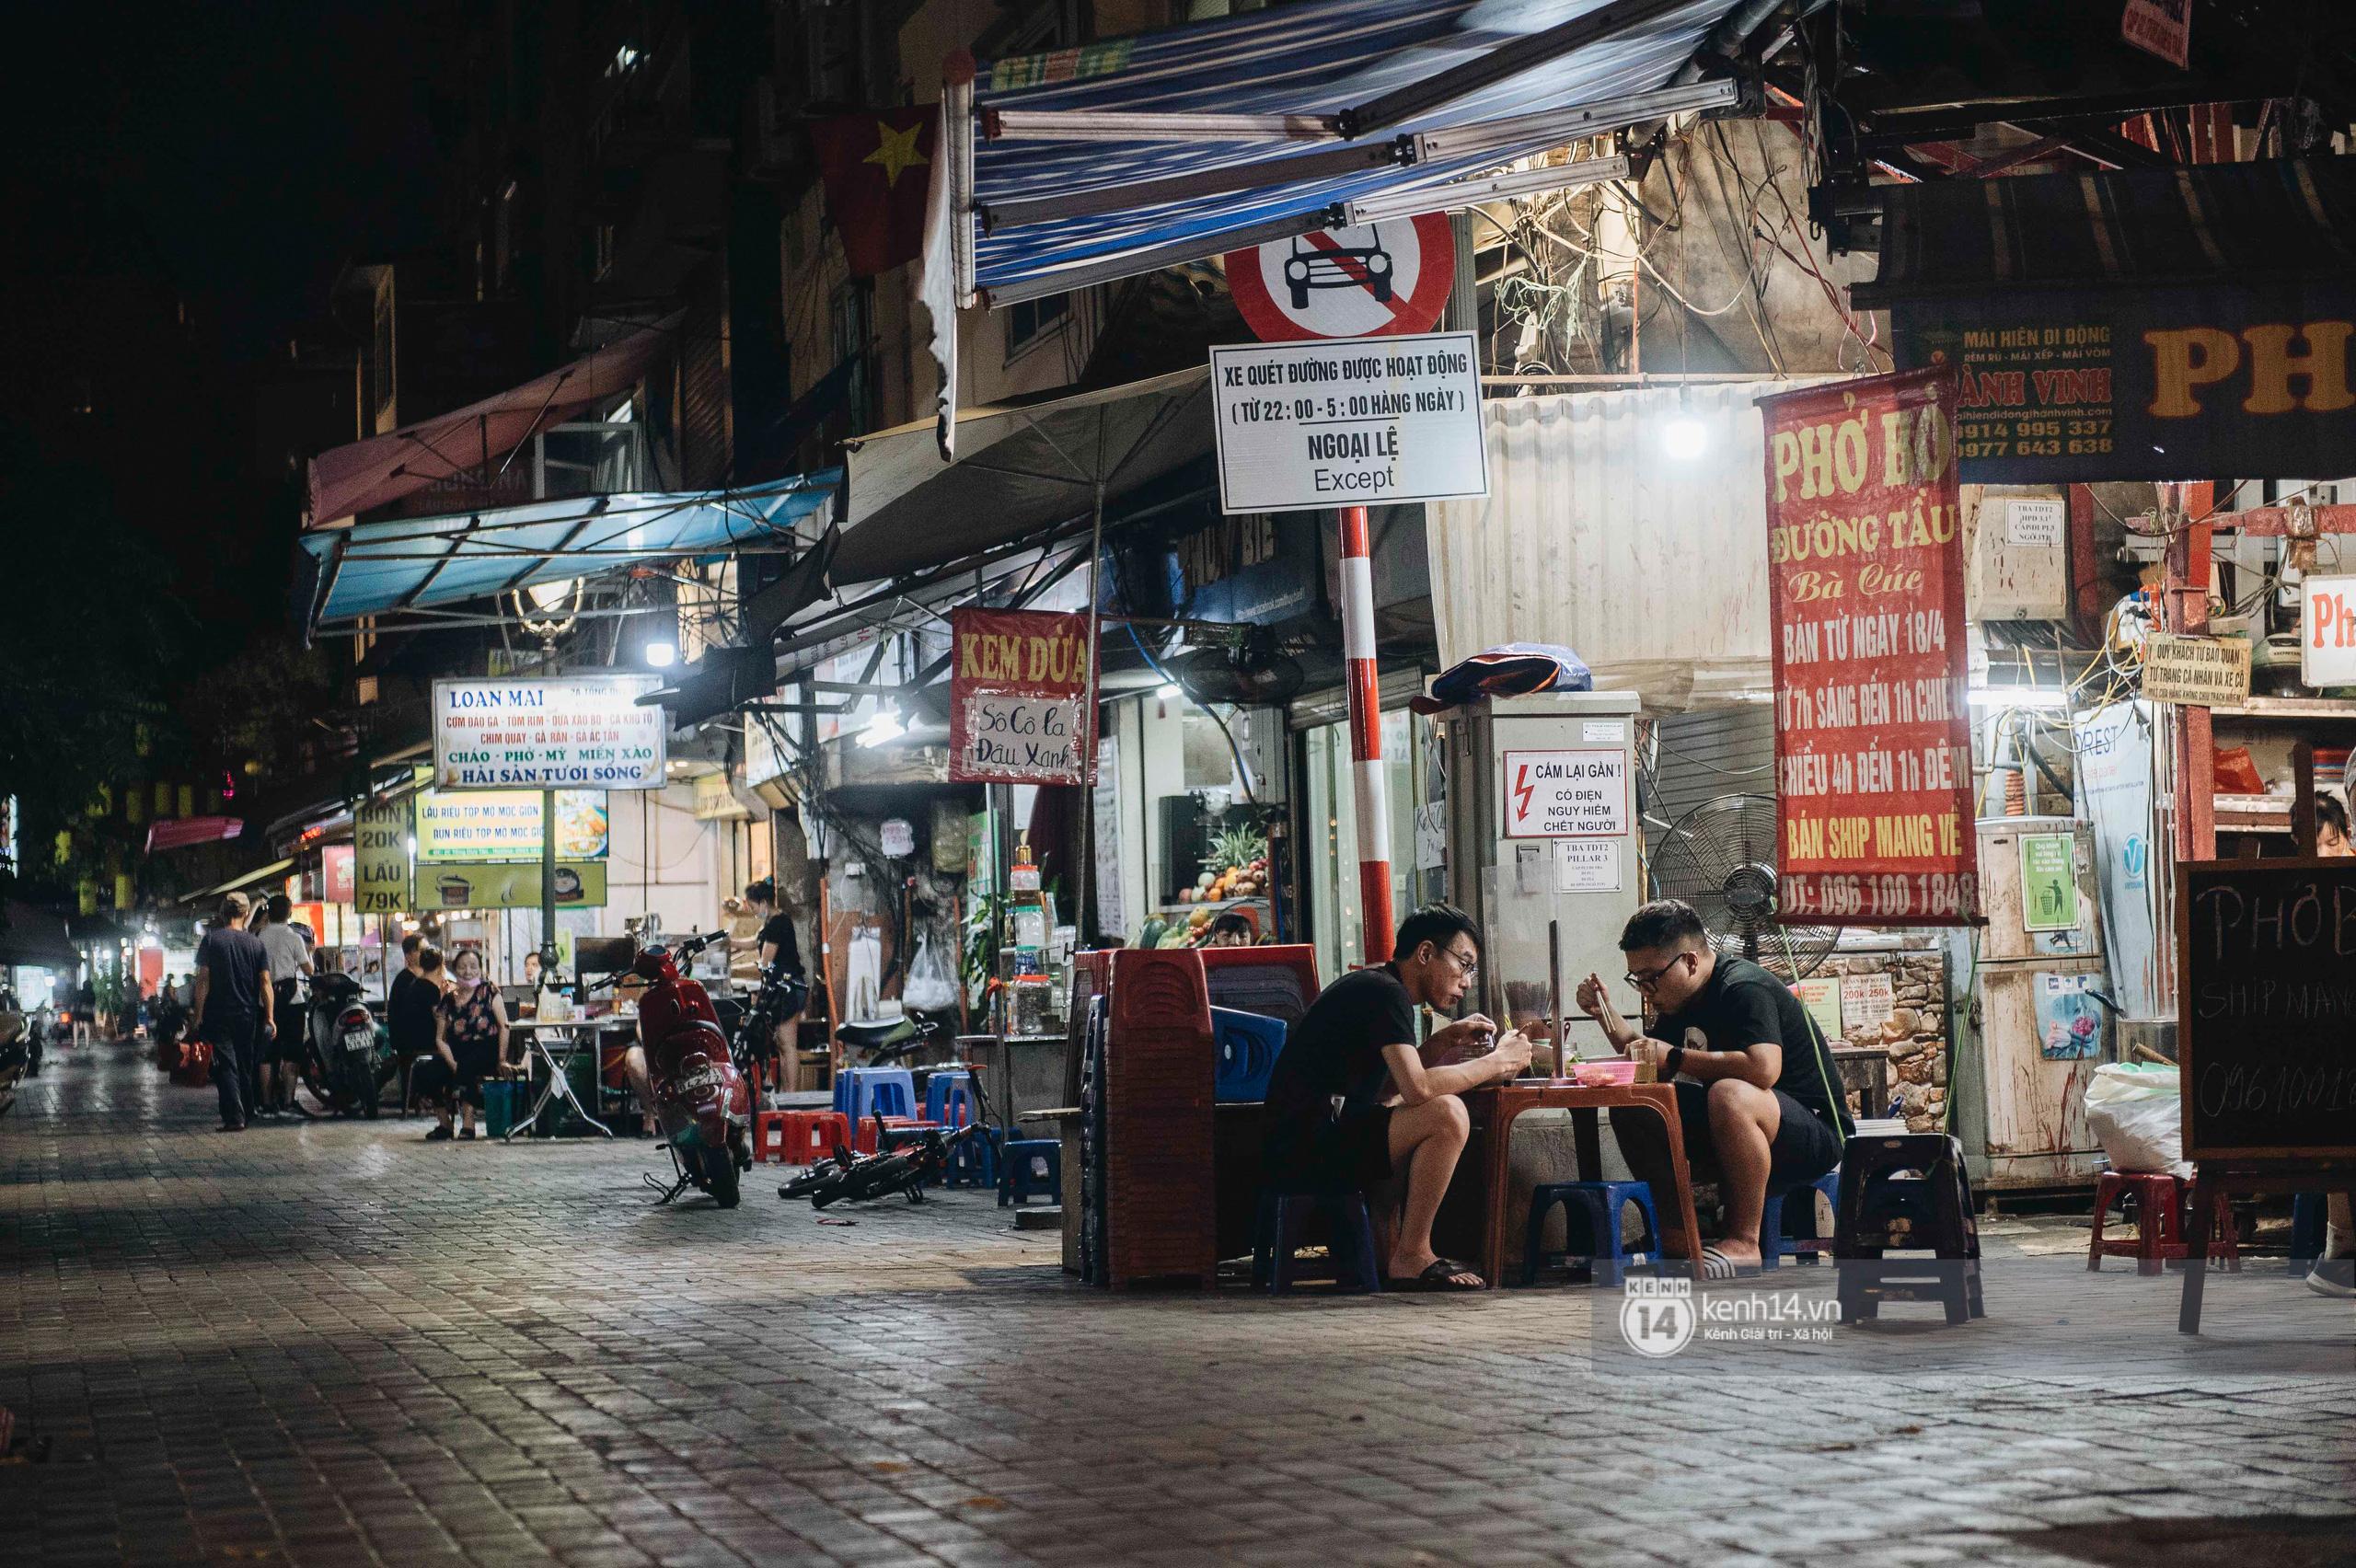 Các khu phố ăn chơi Hà Nội giữa đợt dịch Covid-19 thứ 4: Tạ Hiện vắng vẻ đến ảm đạm, nơi khác lại đông đúc không ngờ - Ảnh 12.